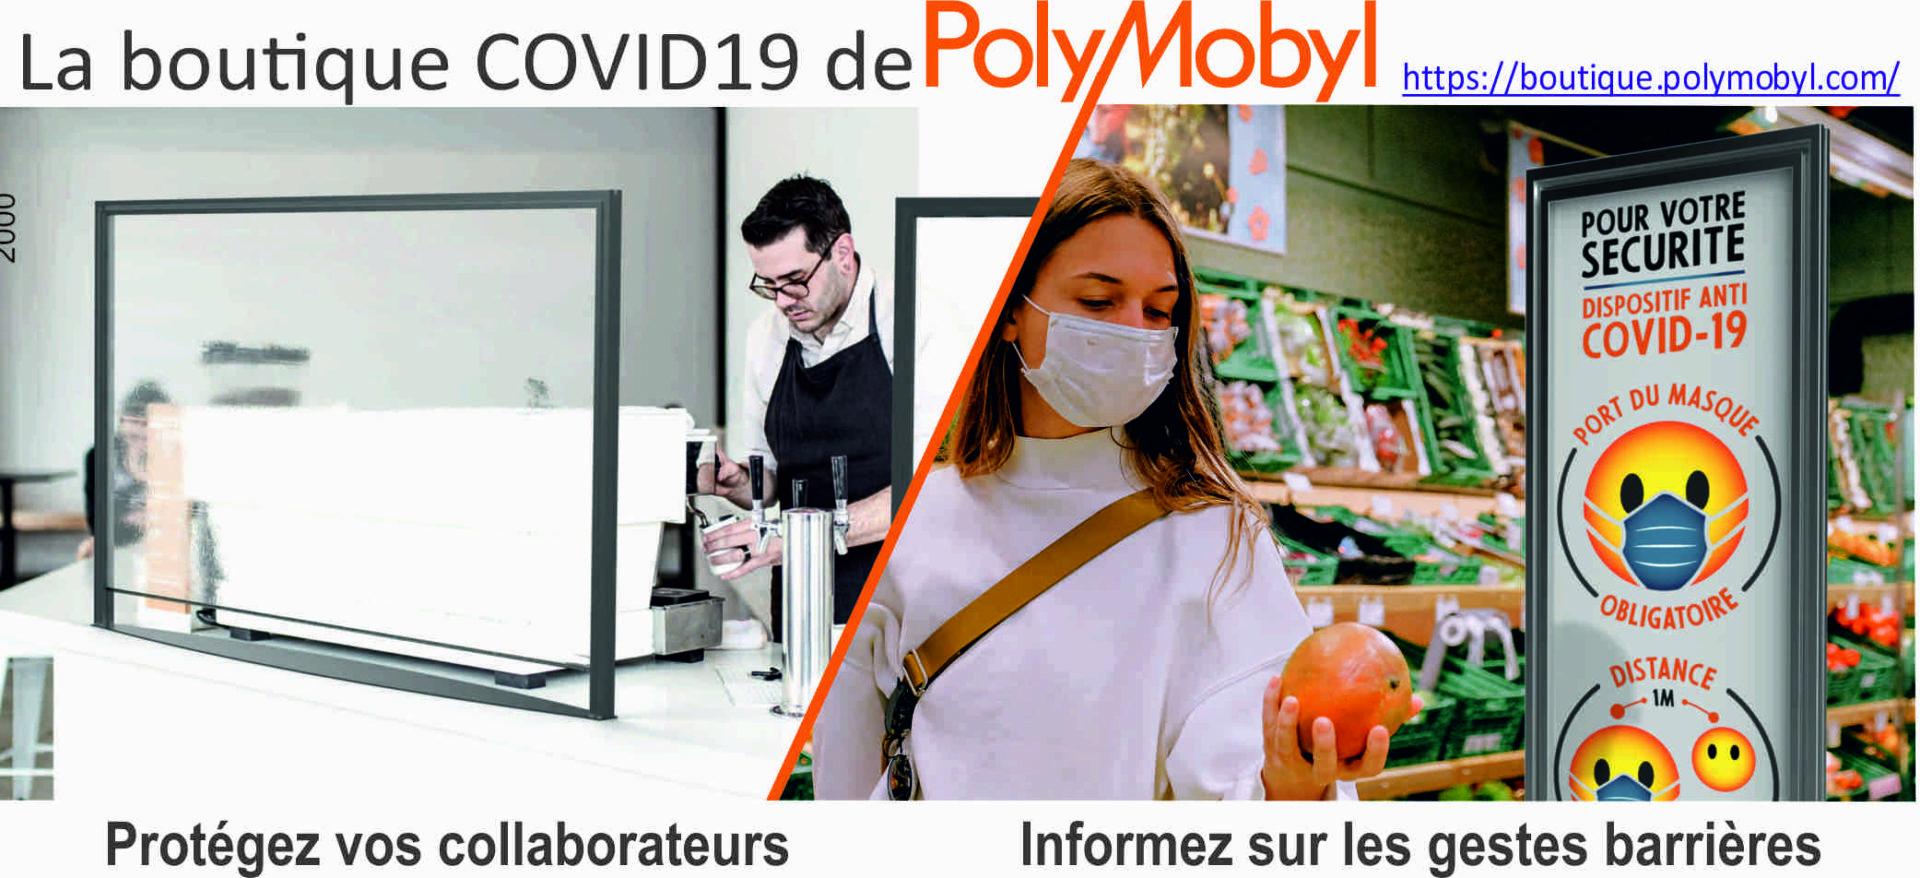 la Boutique COVID 19 POLYMOBYL